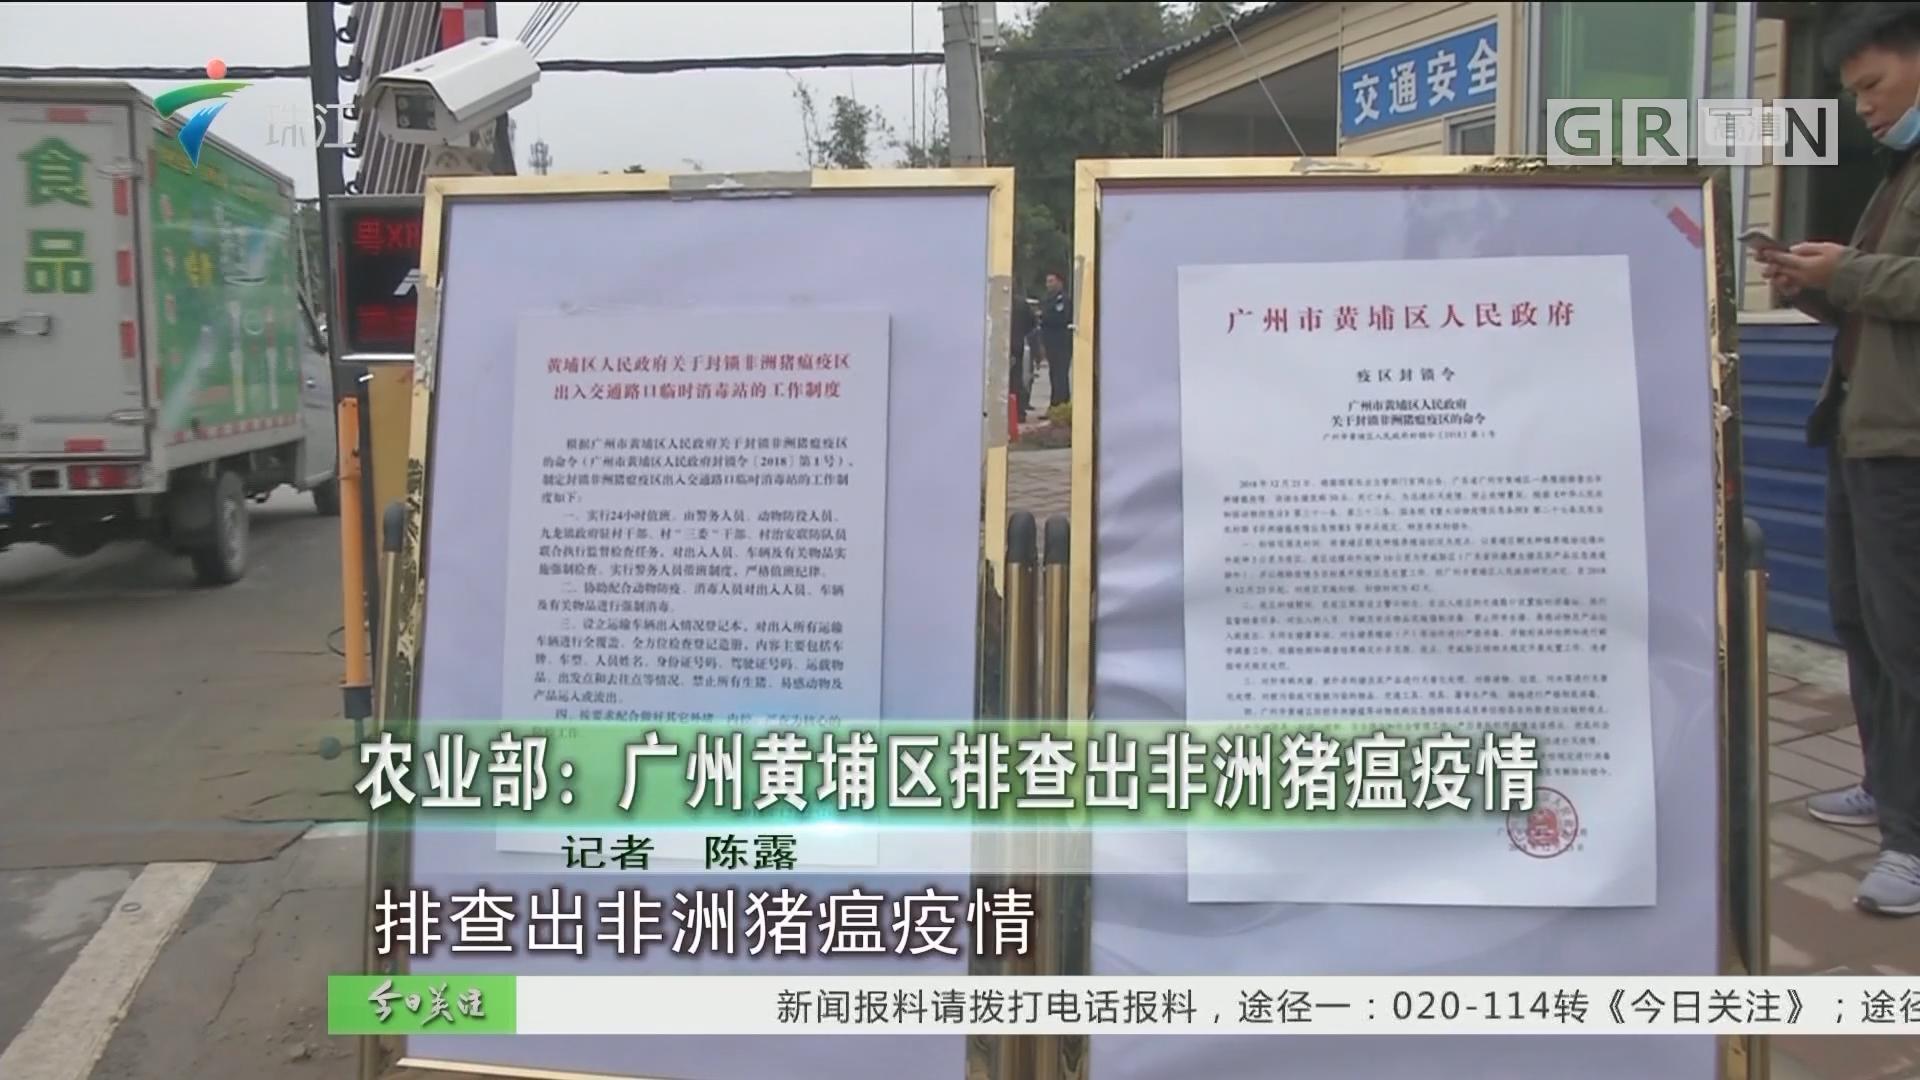 农业部:广州黄埔区排查出非洲猪瘟疫情